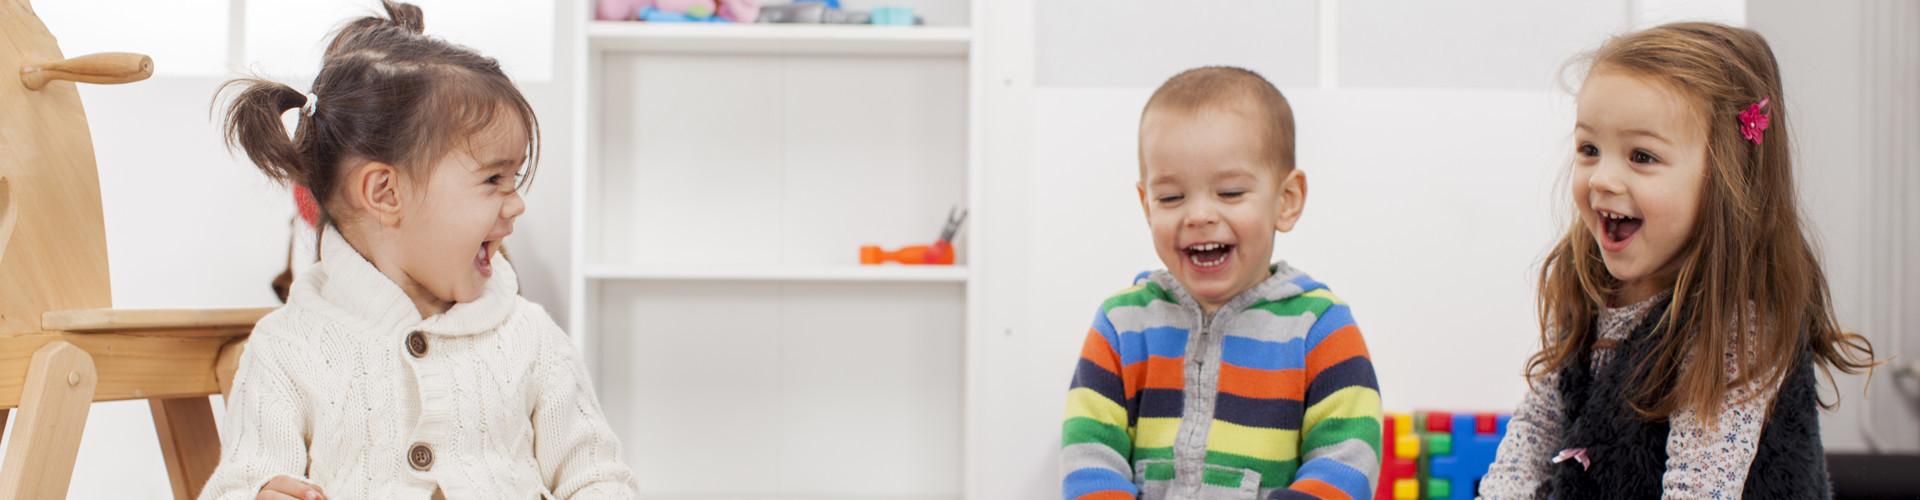 Zwei kleine Mädchen und ein Bub sitzen im Kindergarten und lachen © Boggy, stock.adobe.com